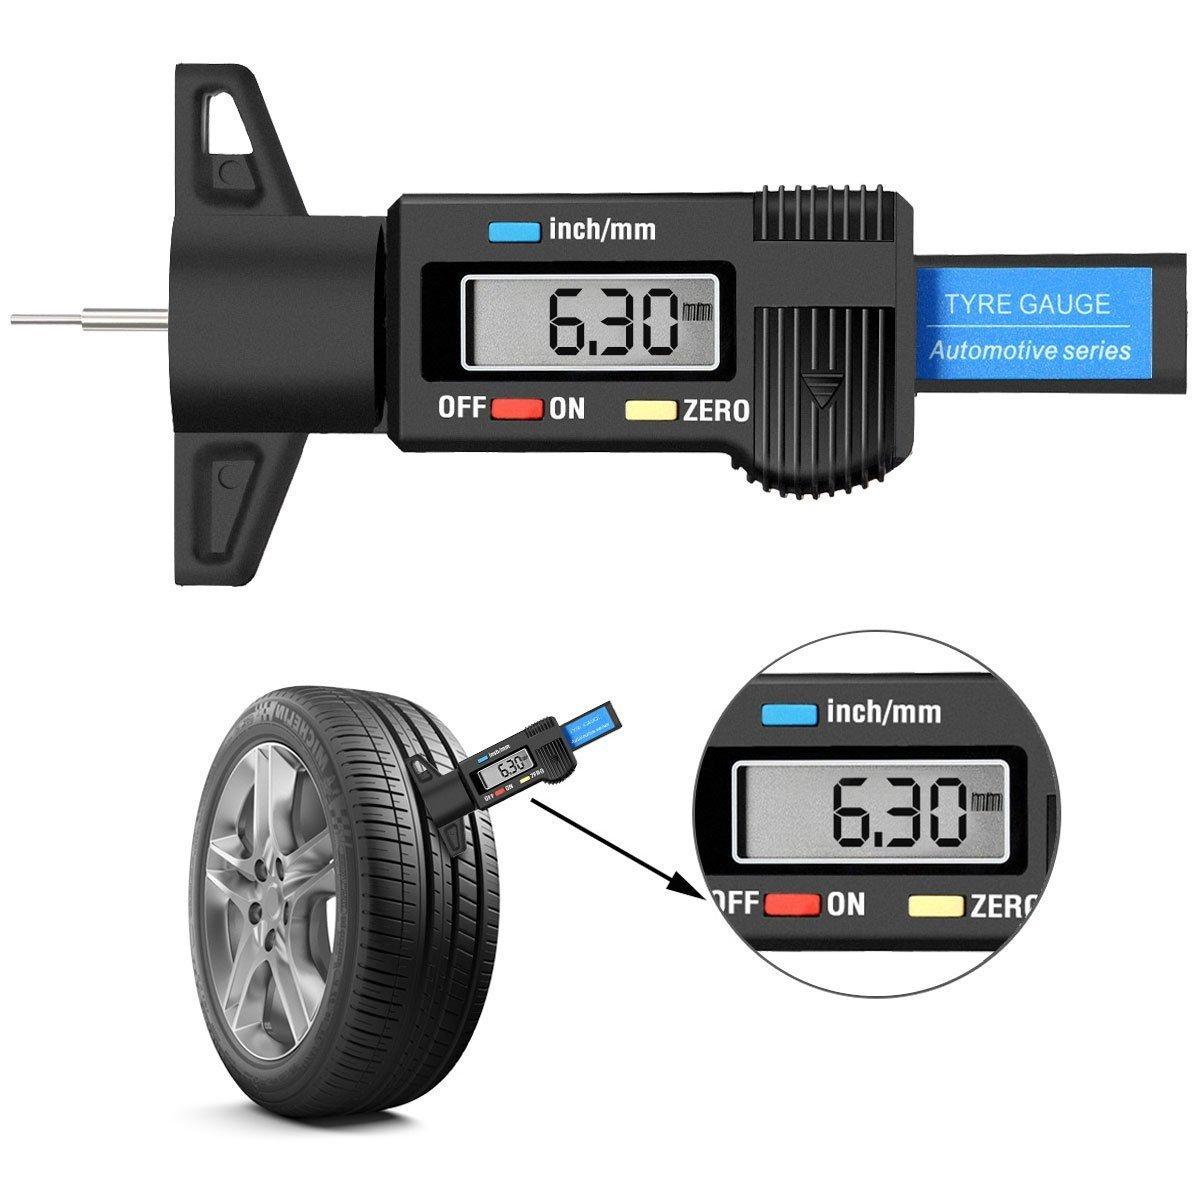 Firlar profondimetro digitale, digitale pneumatico profondimetro Range a 0–25mm con ampio display LCD regolabile profondità del battistrada strumento di misurazione per motocicletta auto furgone, battistrada pneumatico Checker tester